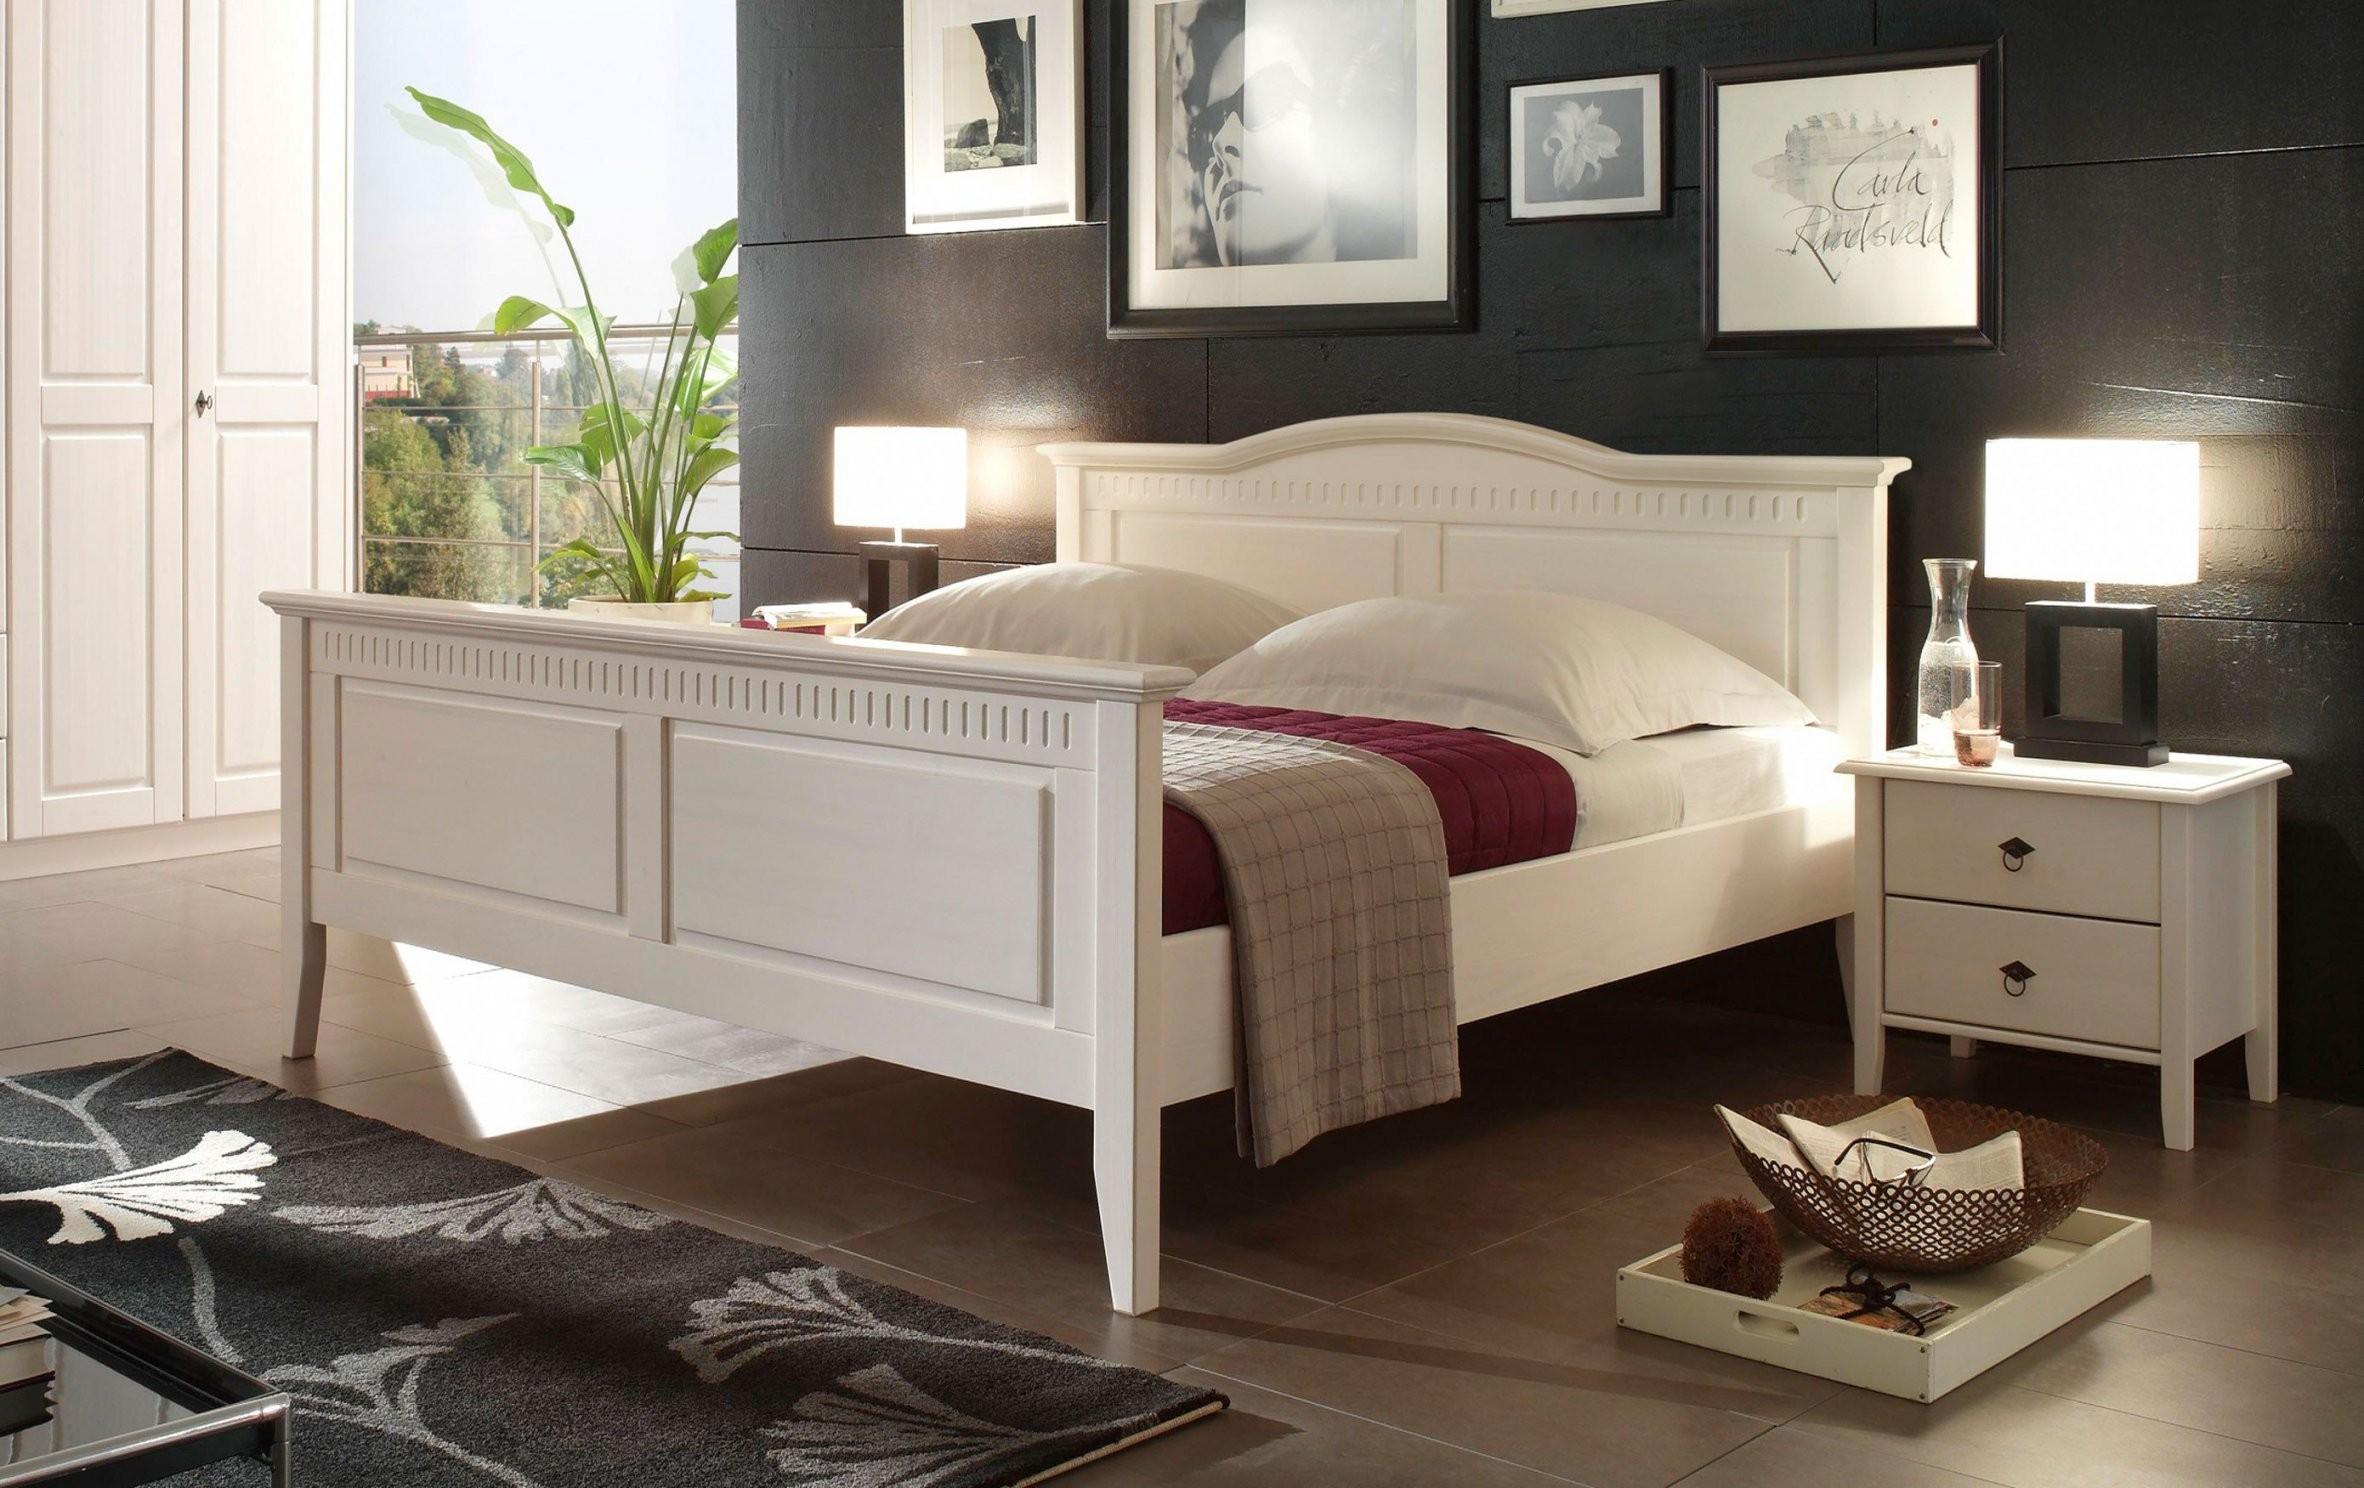 Bozen Ii Von Forestdream Bett Weiß Liegefläche 180X200 Cm  Möbel von Bett Landhausstil 180X200 Photo